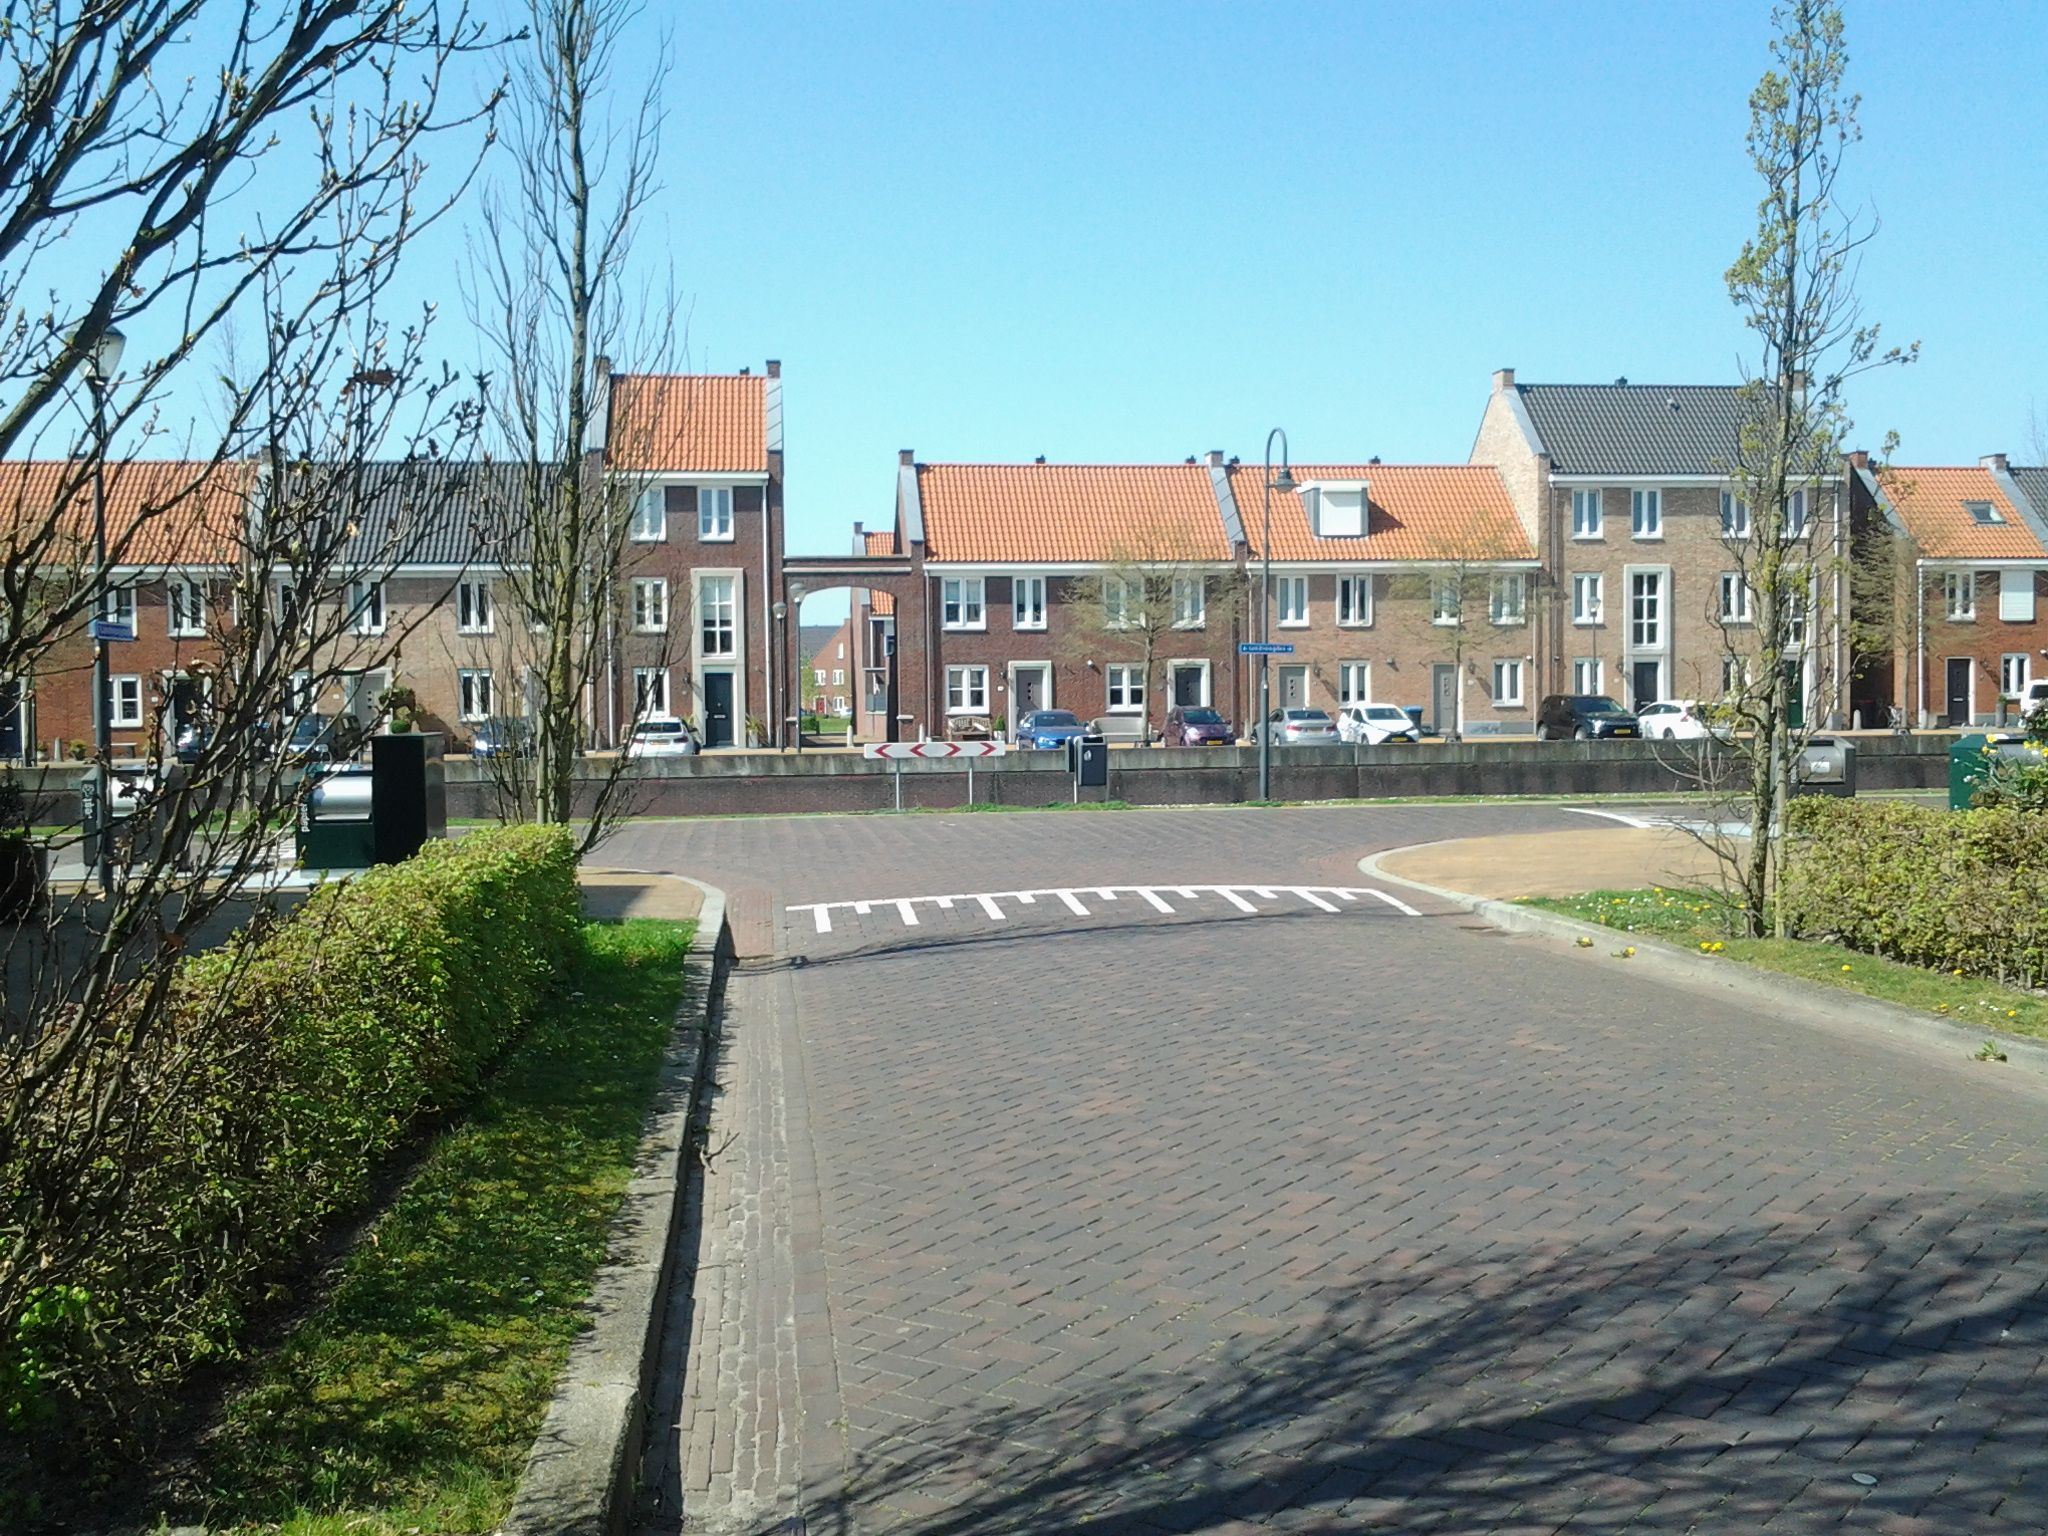 Brug van Landvoogdes naar Dijkgraaf